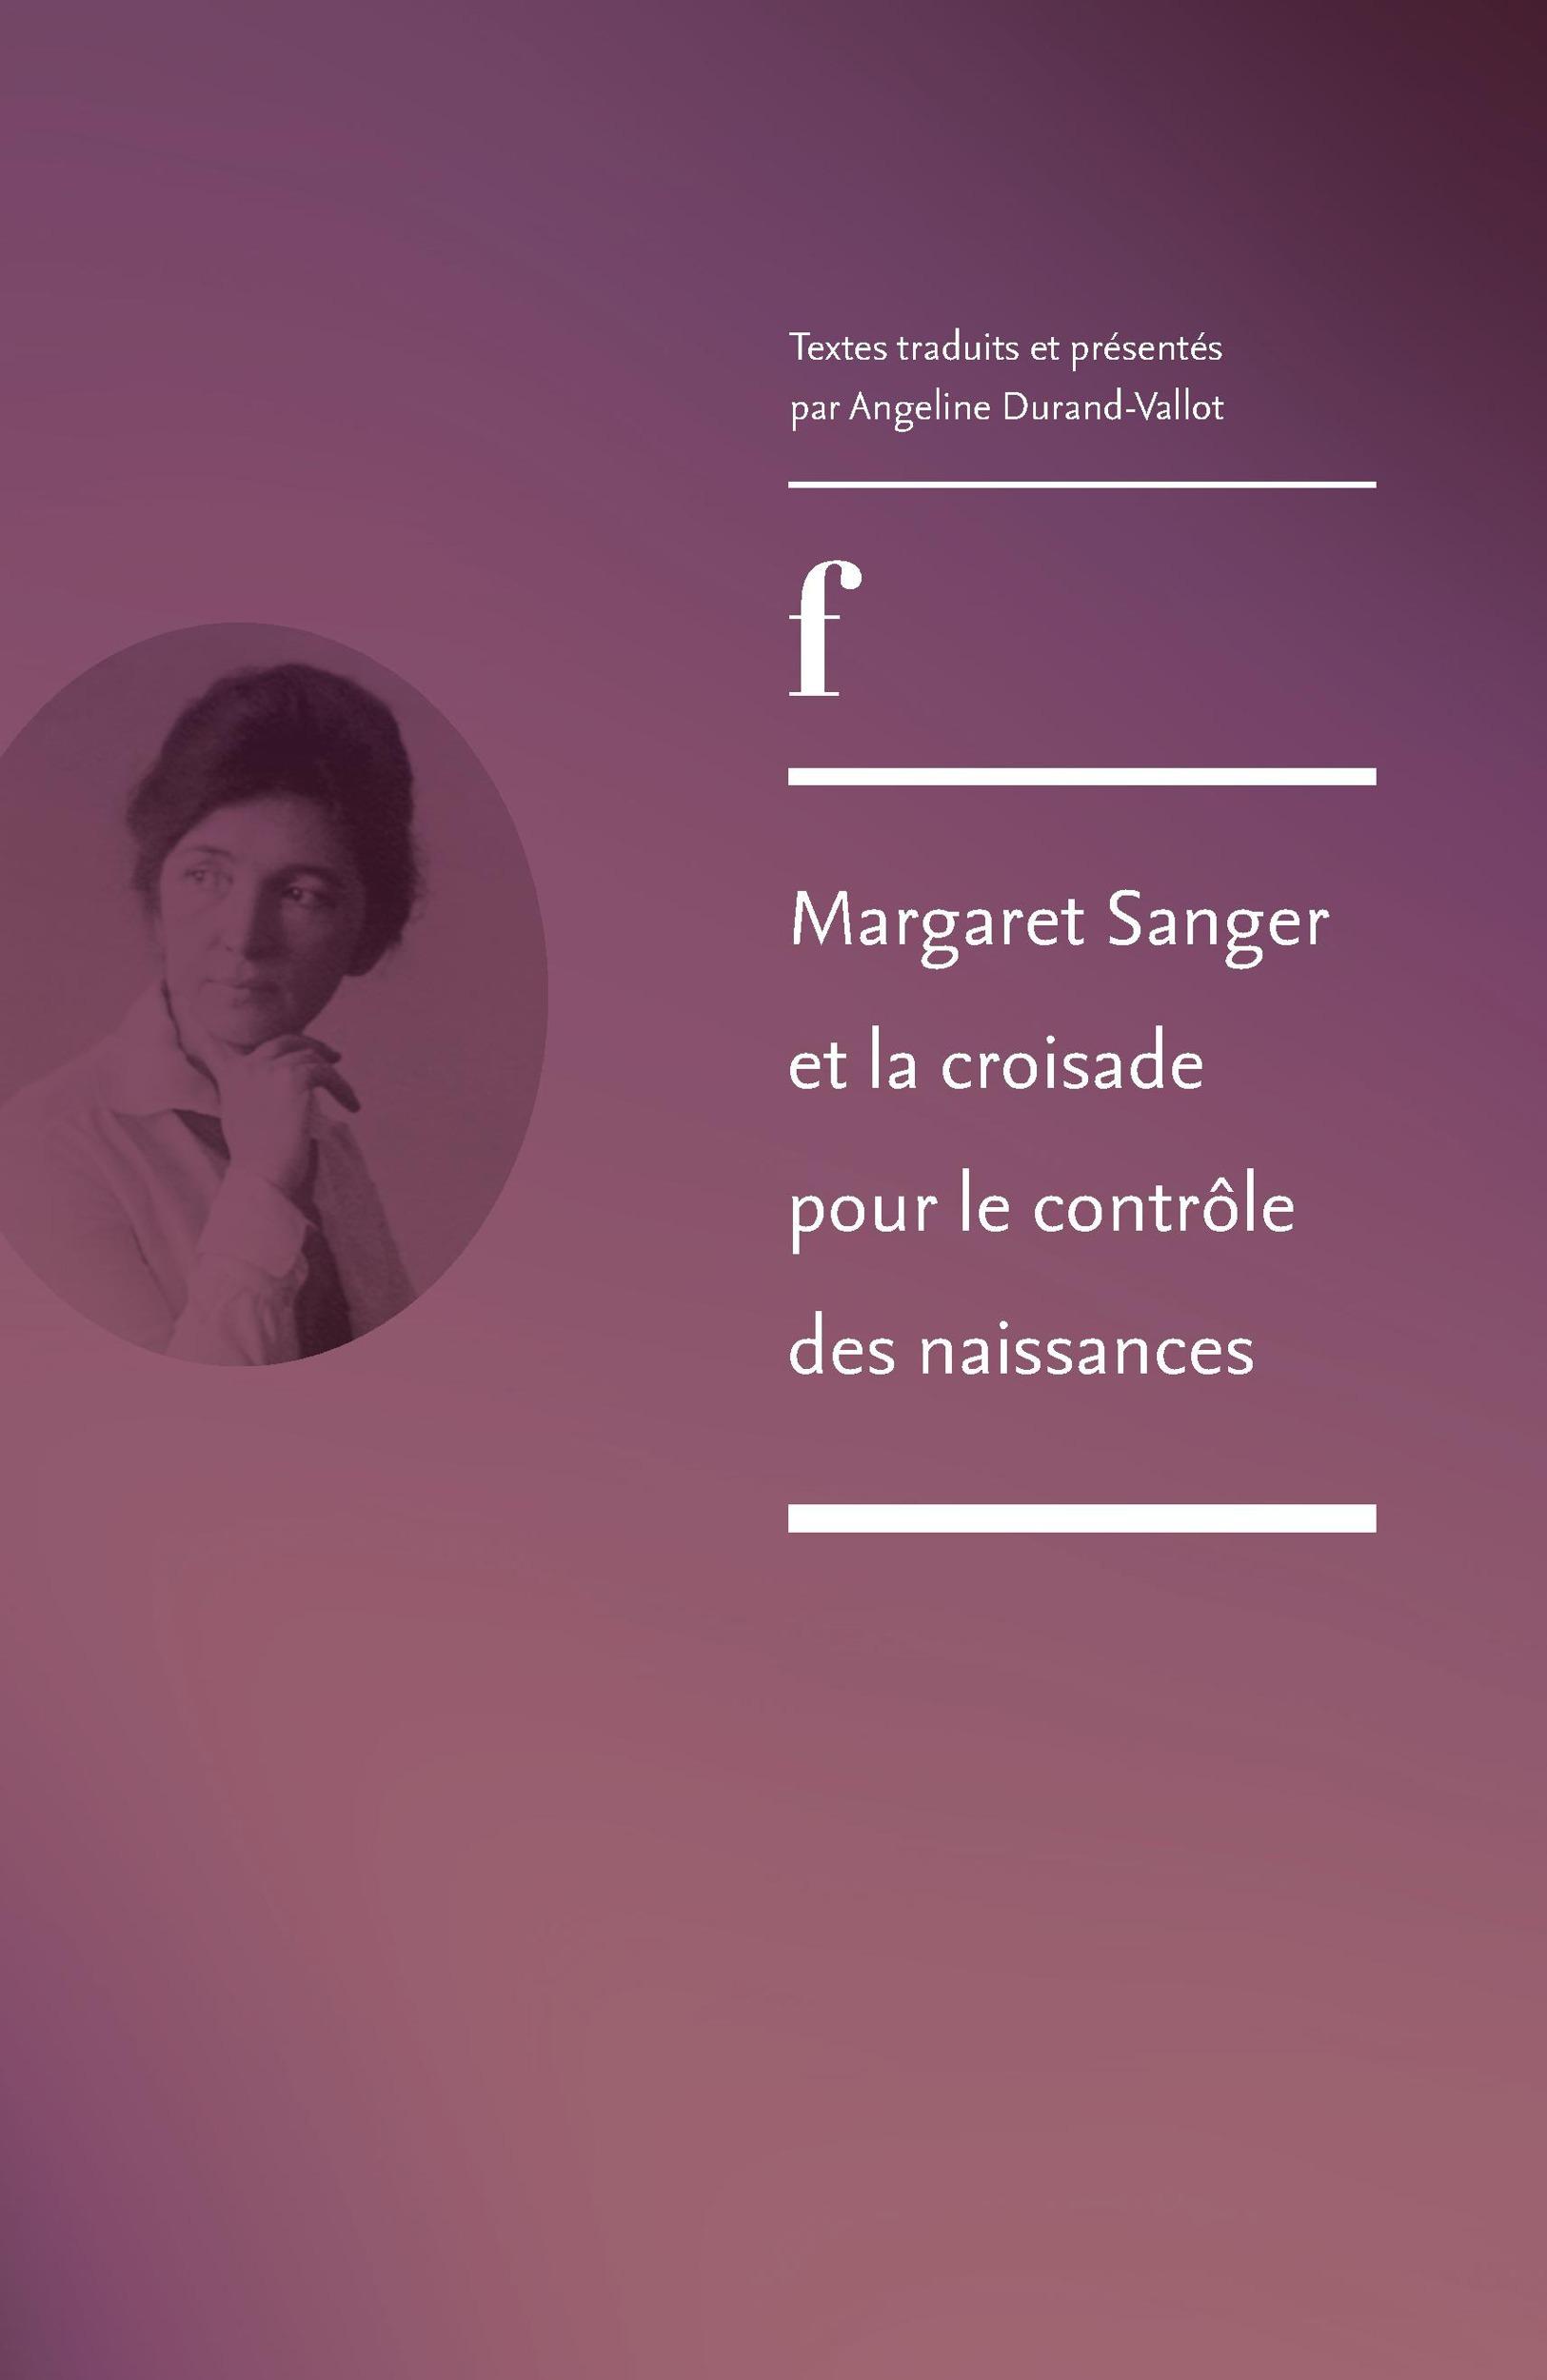 Margaret sanger et la croisade pour le controle des naissances. texte s traduits et presentes par an